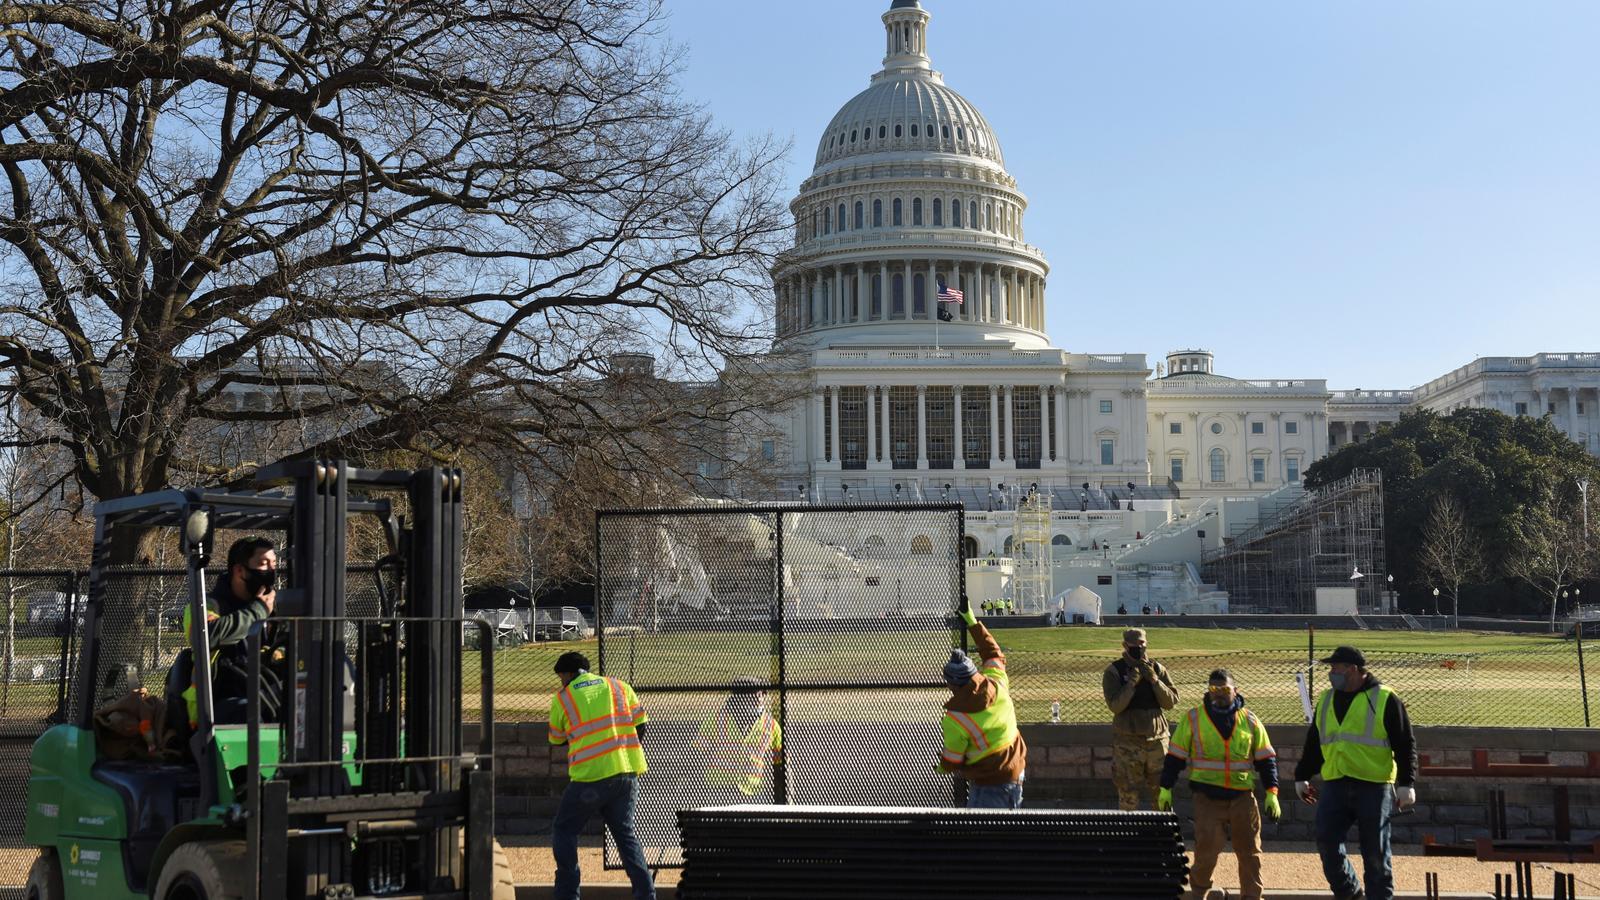 Treballadors instal·lant una tanca davant del Capitoli, aquest dijous